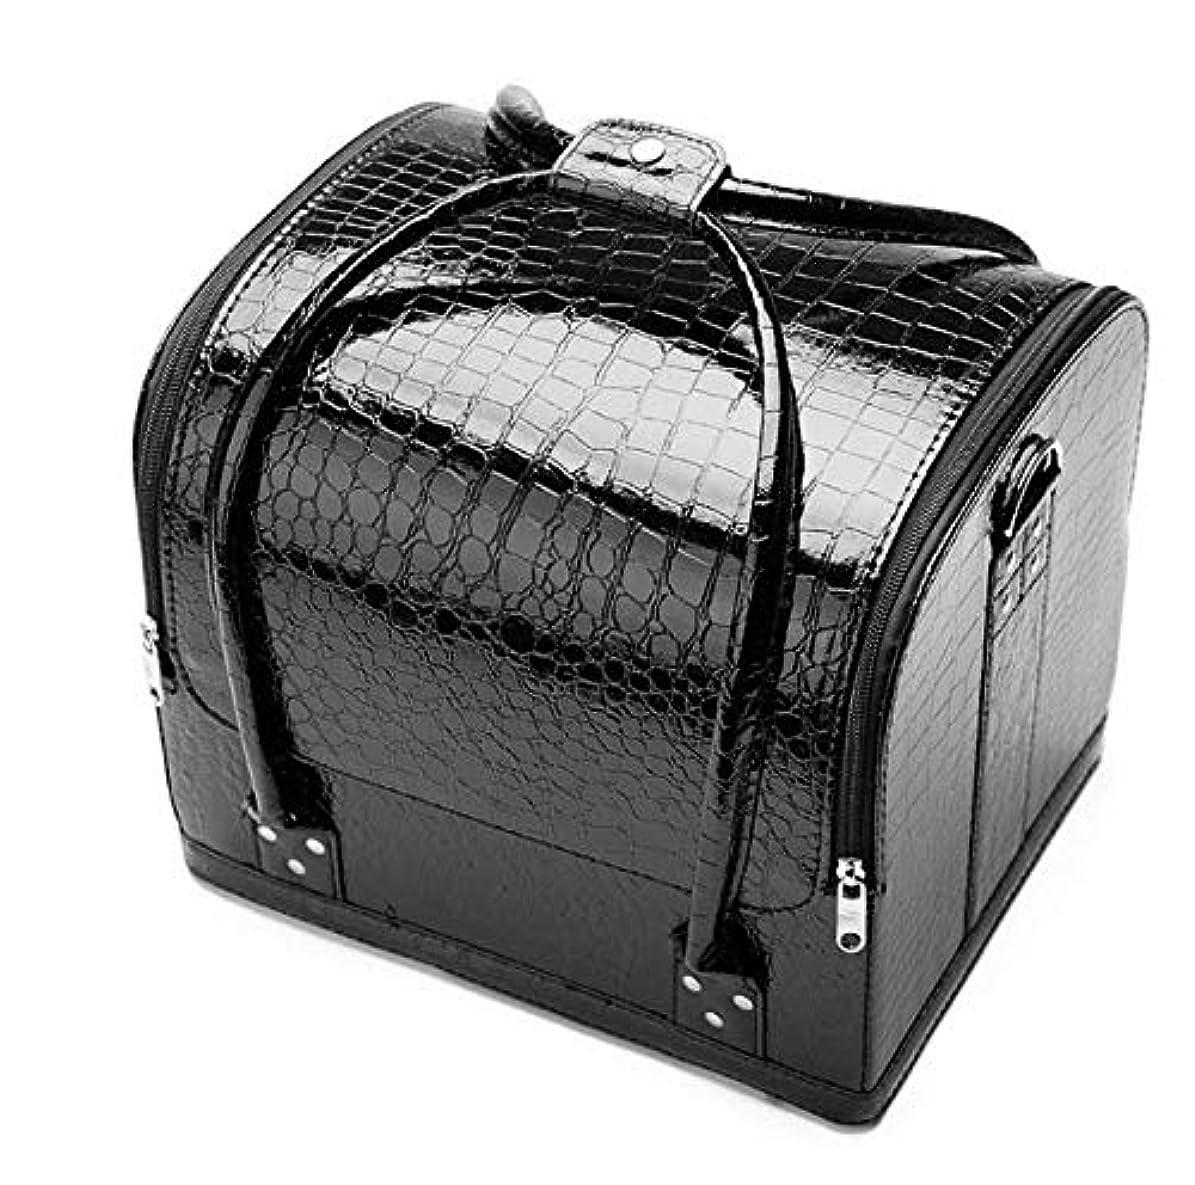 辞書アセンブリグリット持ち運びできる メイクボックス 大容量 取っ手付き コスメボックス 化粧品収納ボックス 収納ケース 小物入れ (ブラック?クロコ型押し)